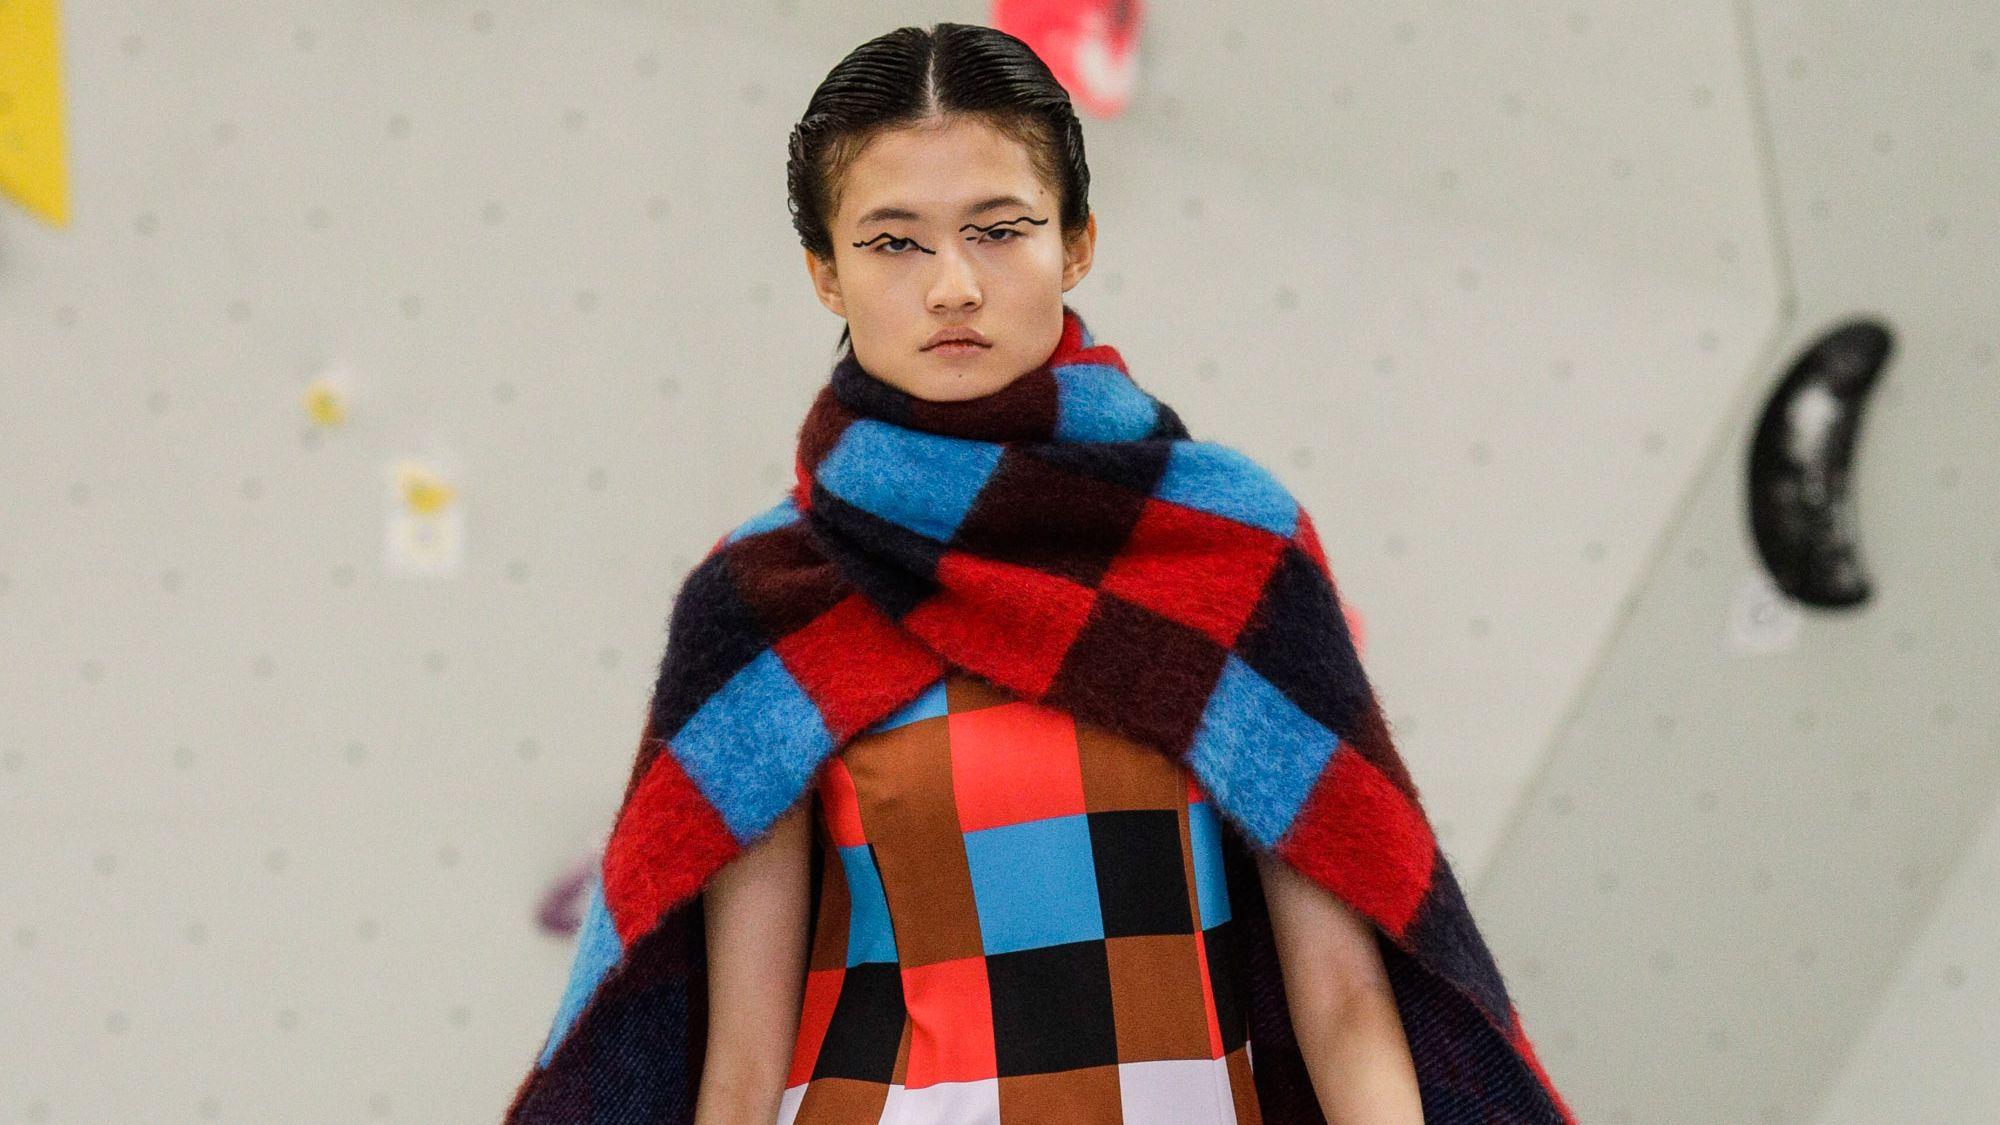 Ein Model trägt ein Kleid und einen groben Schal, beides in buntem Karomuster.